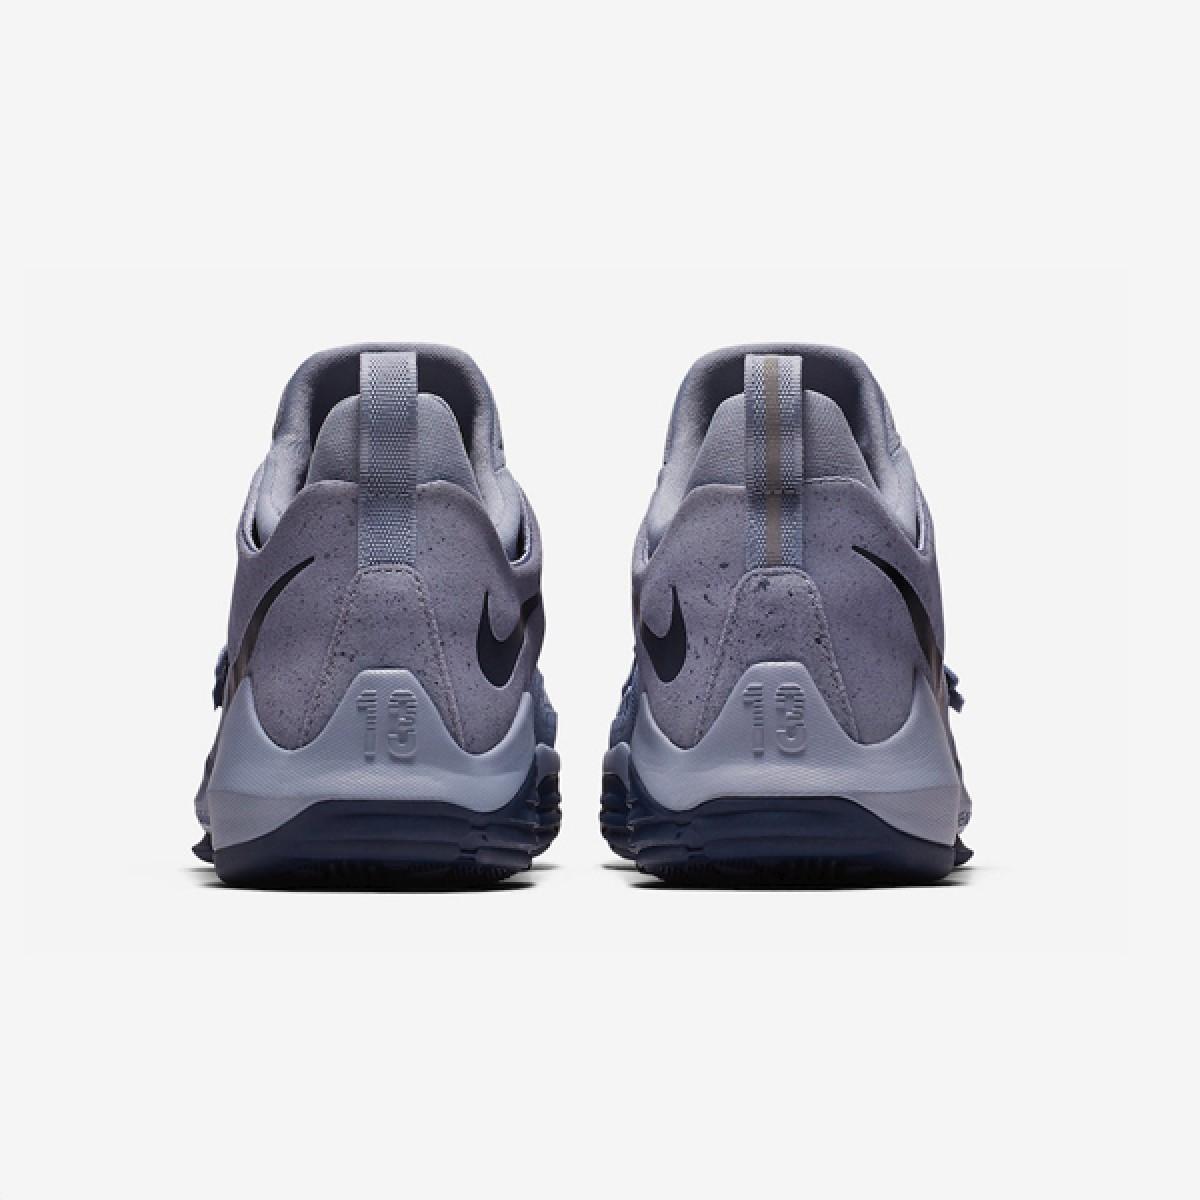 Nike PG 1 GS 'Glacier Grey'  880304-044